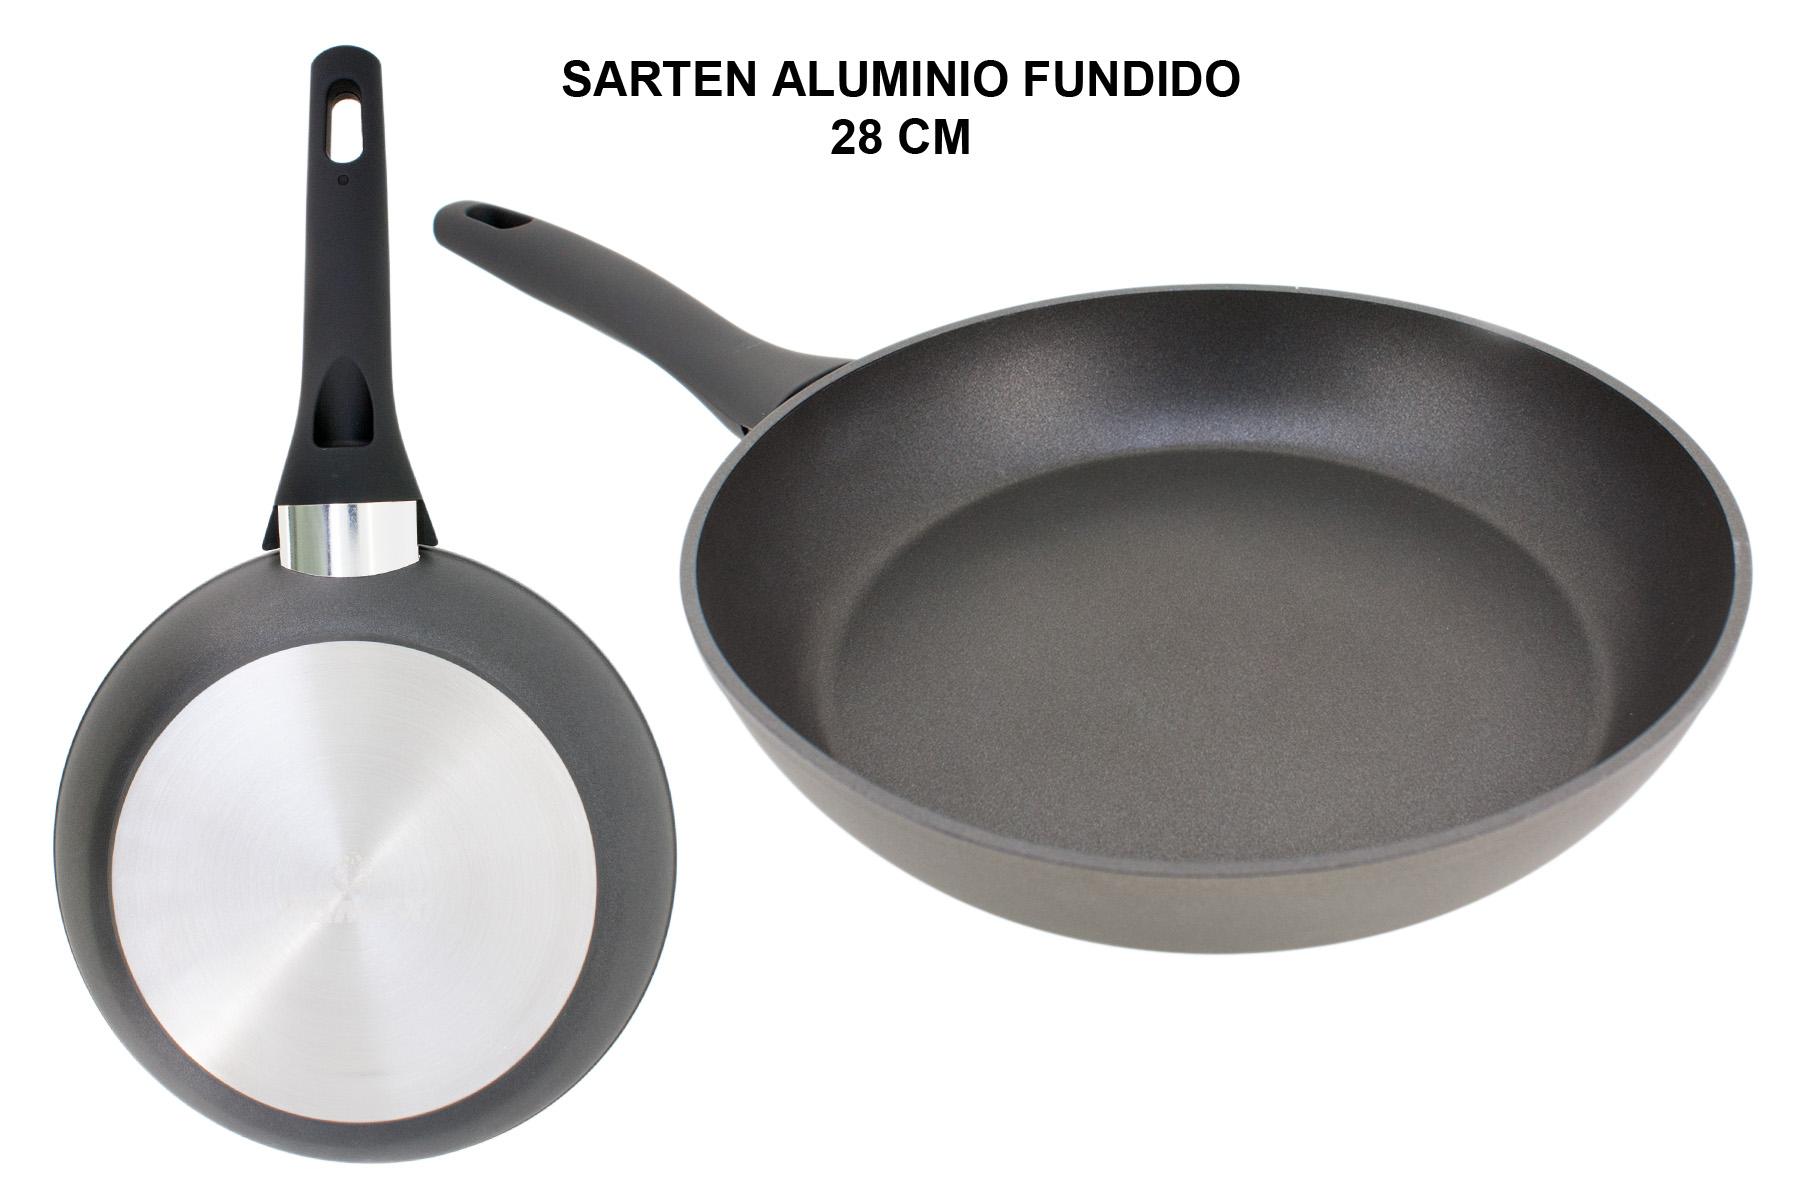 SARTEN ALUMINIO FUNDIDO FULL INDUCTION 28 CM